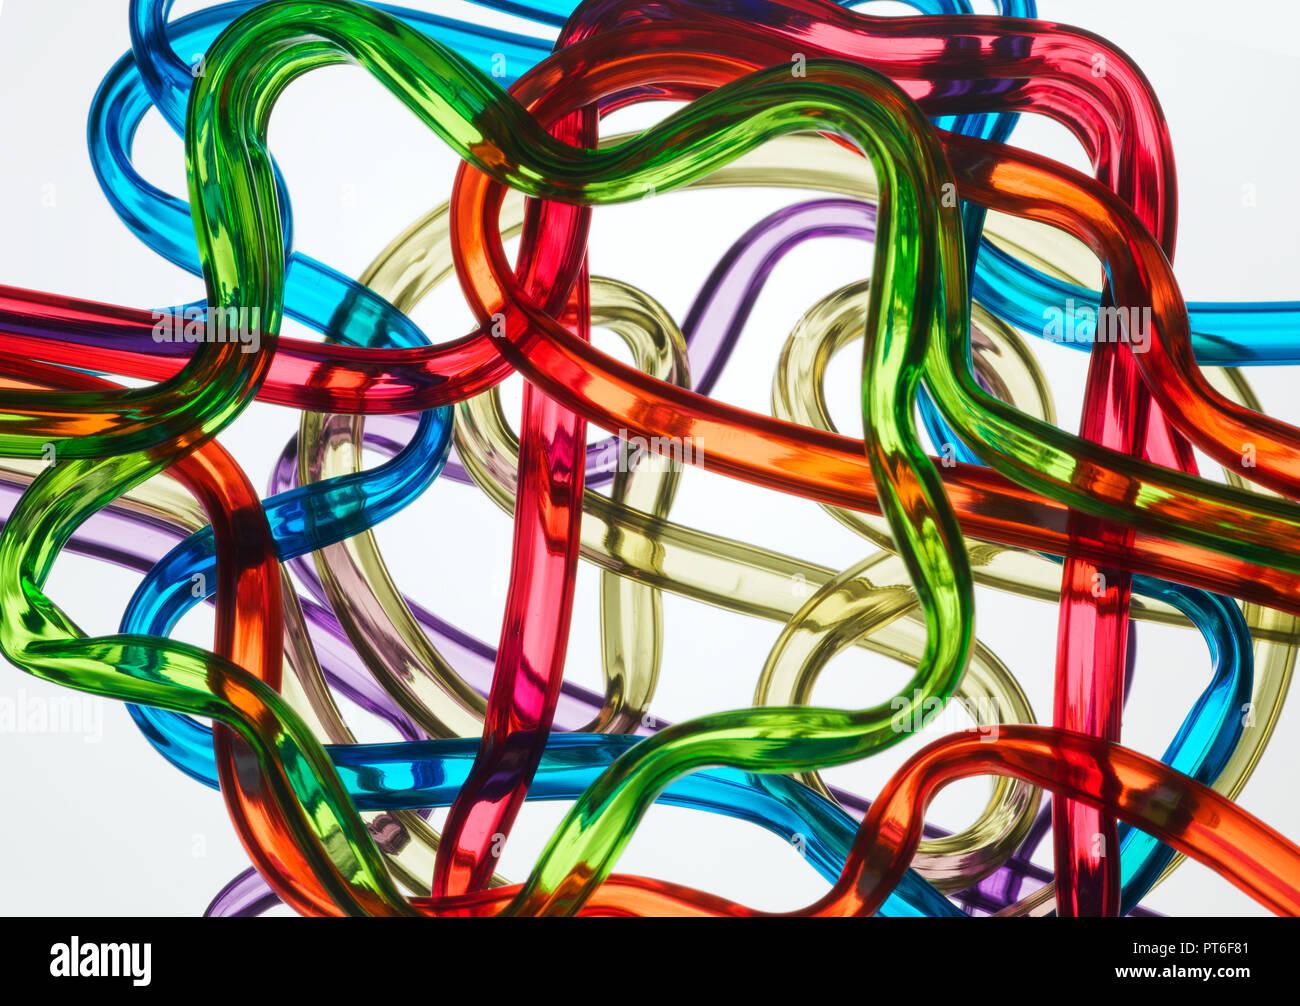 Dumme Strohhalme bilden einen farbigen komplexen Kreuzung anhand von quantitativen Simulatio Stockbild